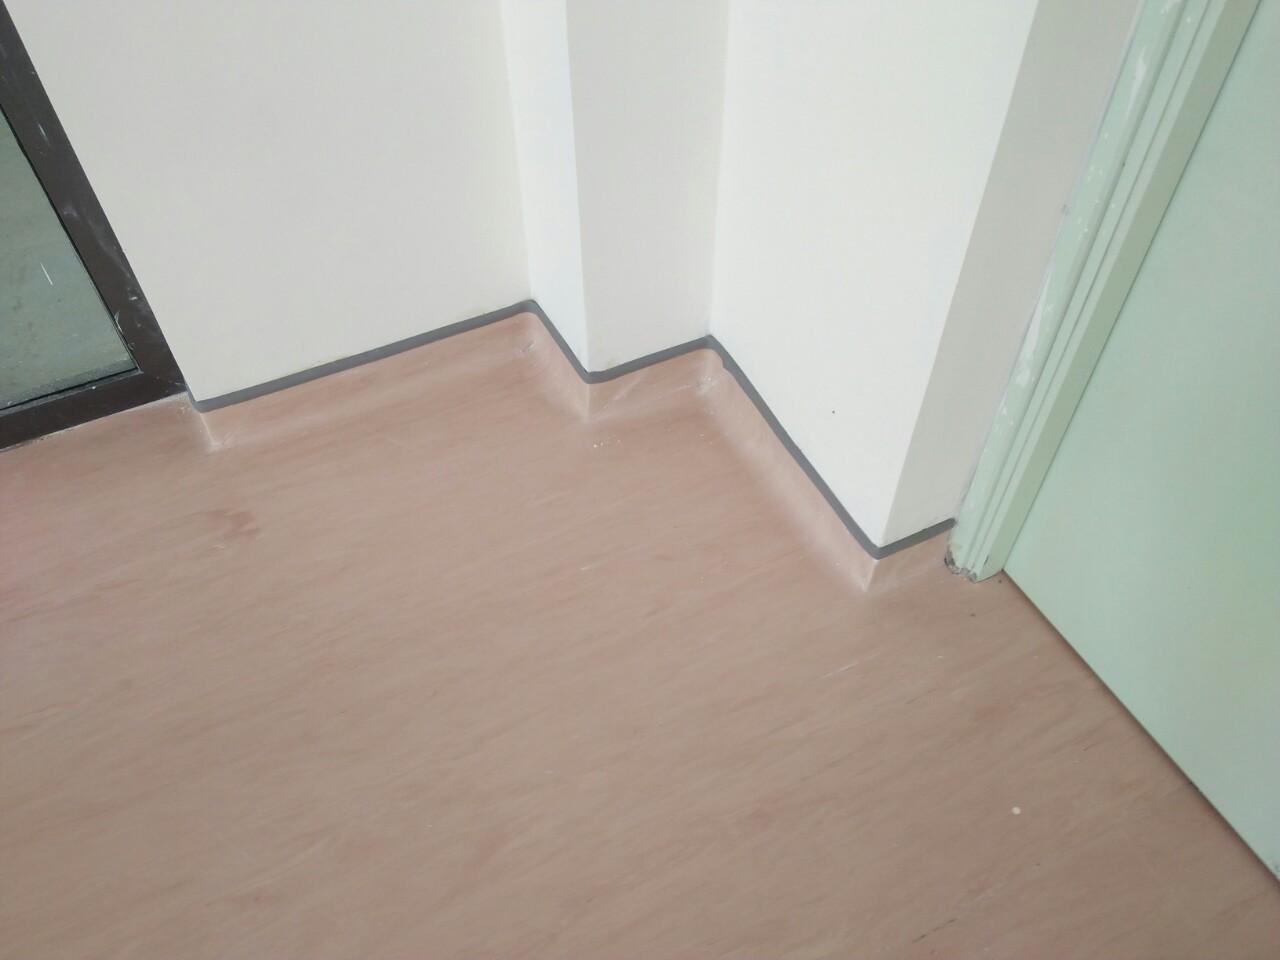 vị trí góc tường sử dụng nẹp kết thúc cho vinyl đồng nhất Gerflor .